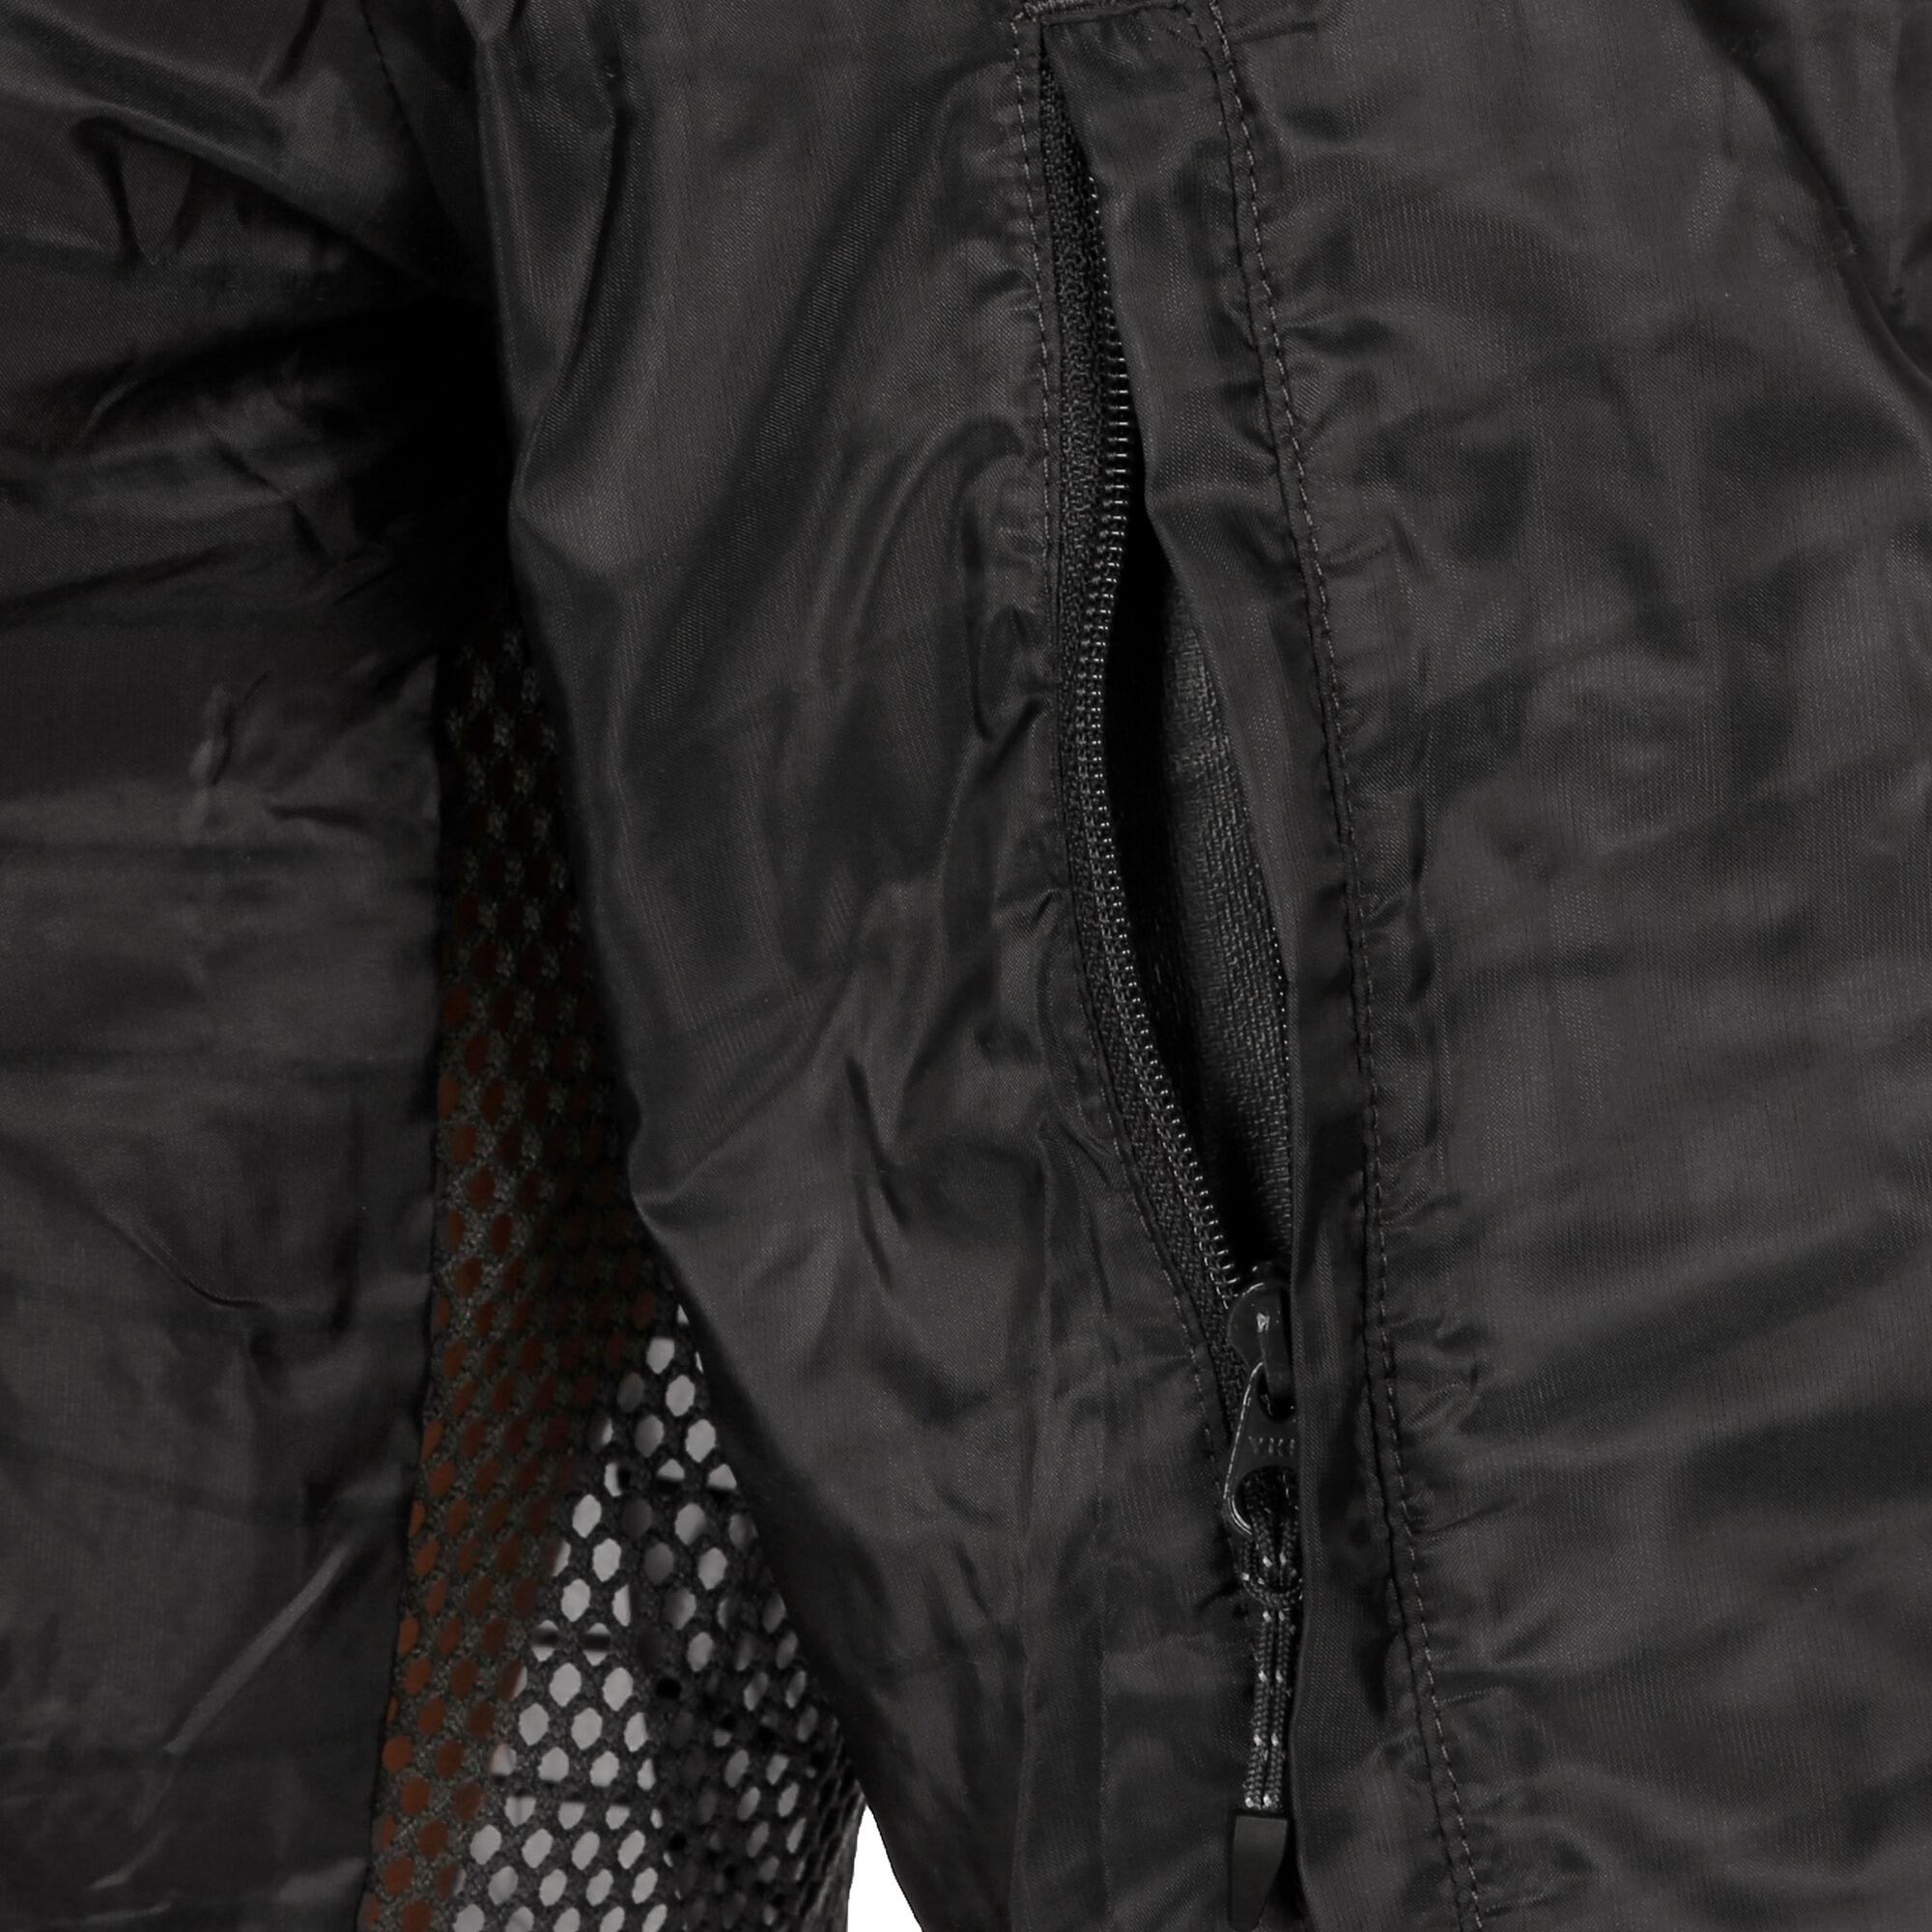 52b432865f220 ... adidas · adidas · adidas · adidas. Supernova TKO Flock Print Jacket Men  ...